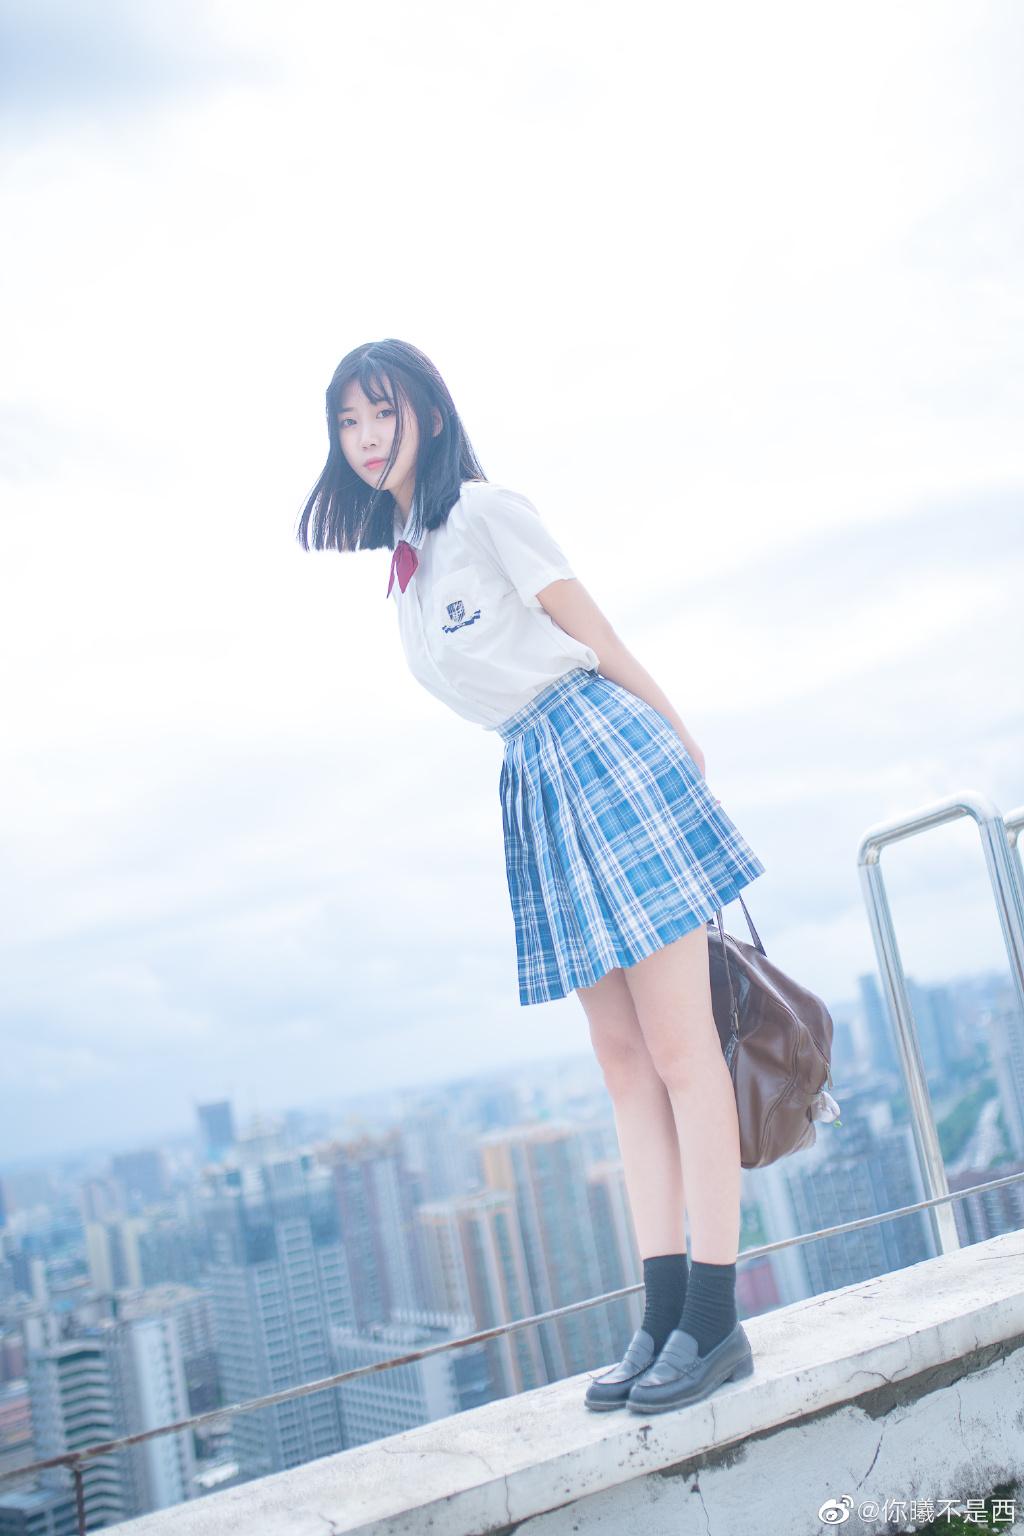 今日妹子图 20200419 cosplay**图片 @你曦不是西 liuliushe.net六六社 第4张